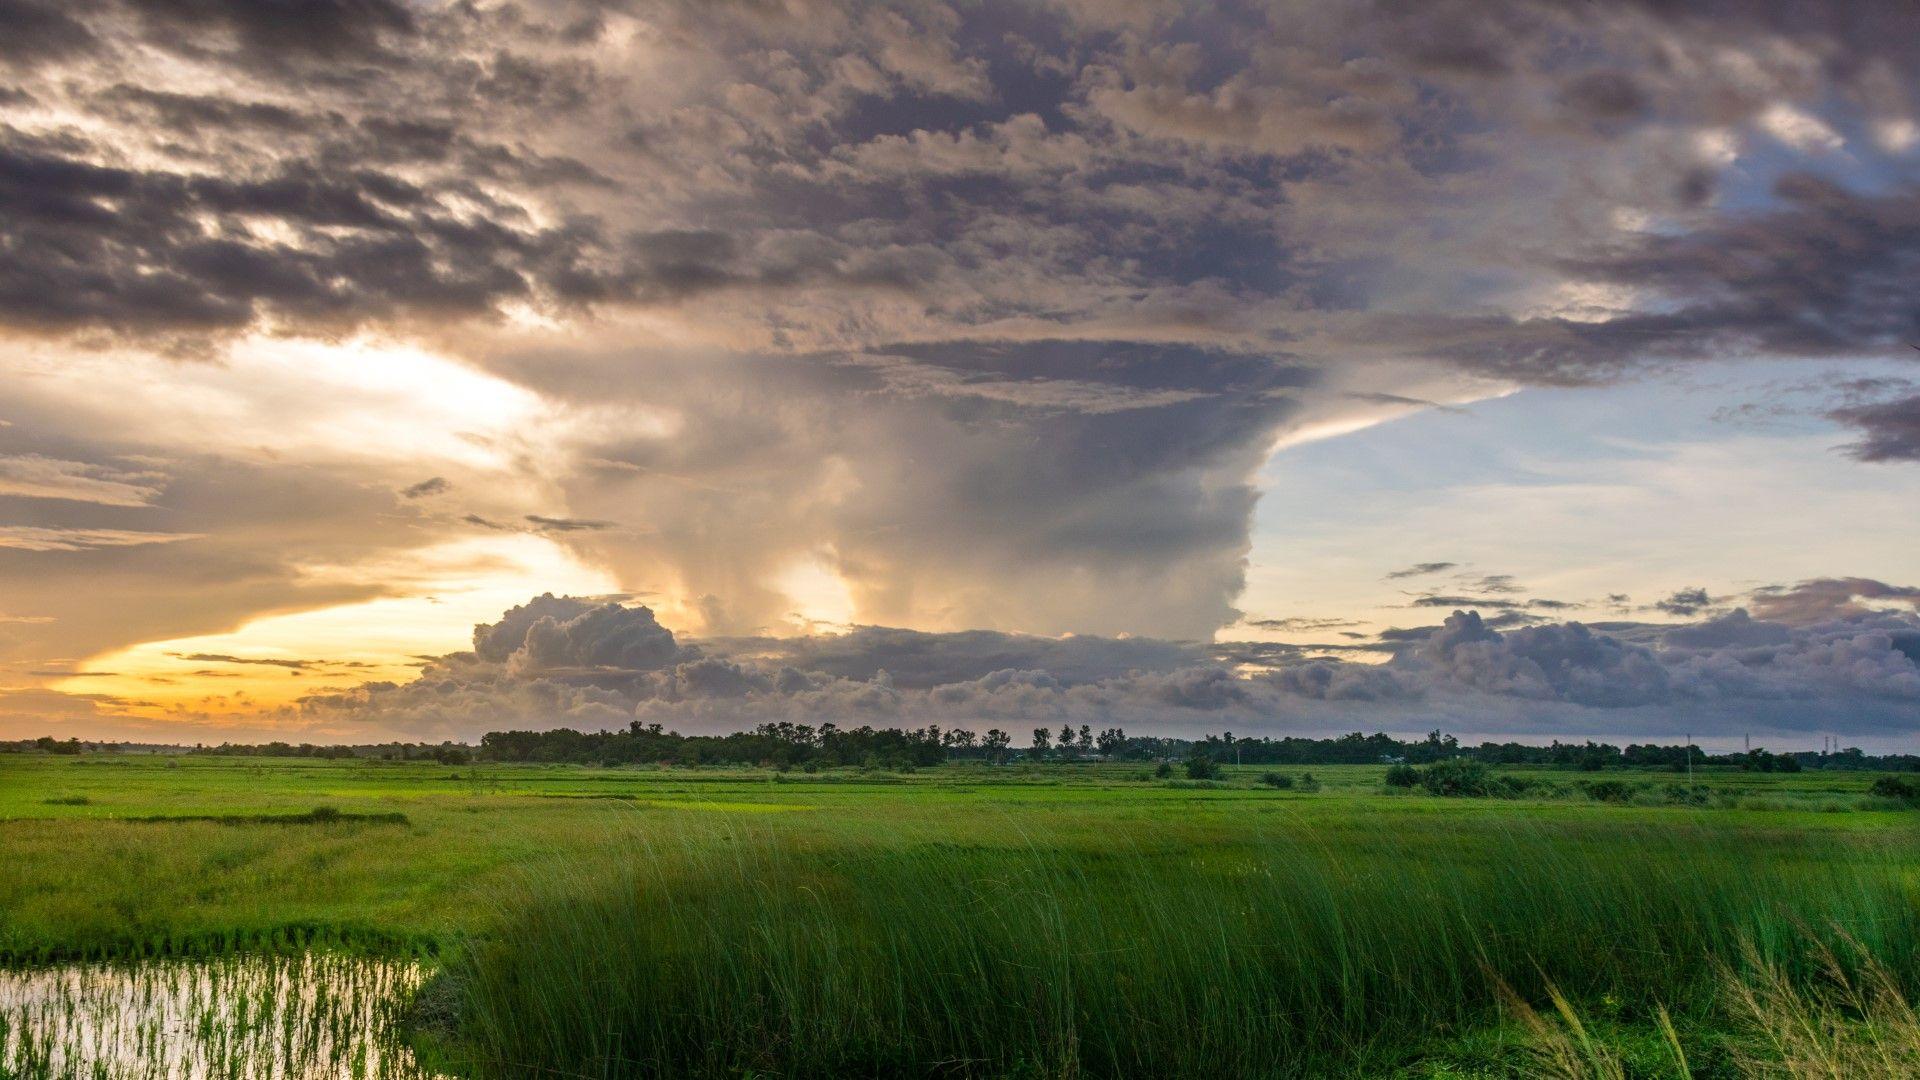 Метеорологичната агенция на ООН одобри политика за увеличаване обмена на метеоданни